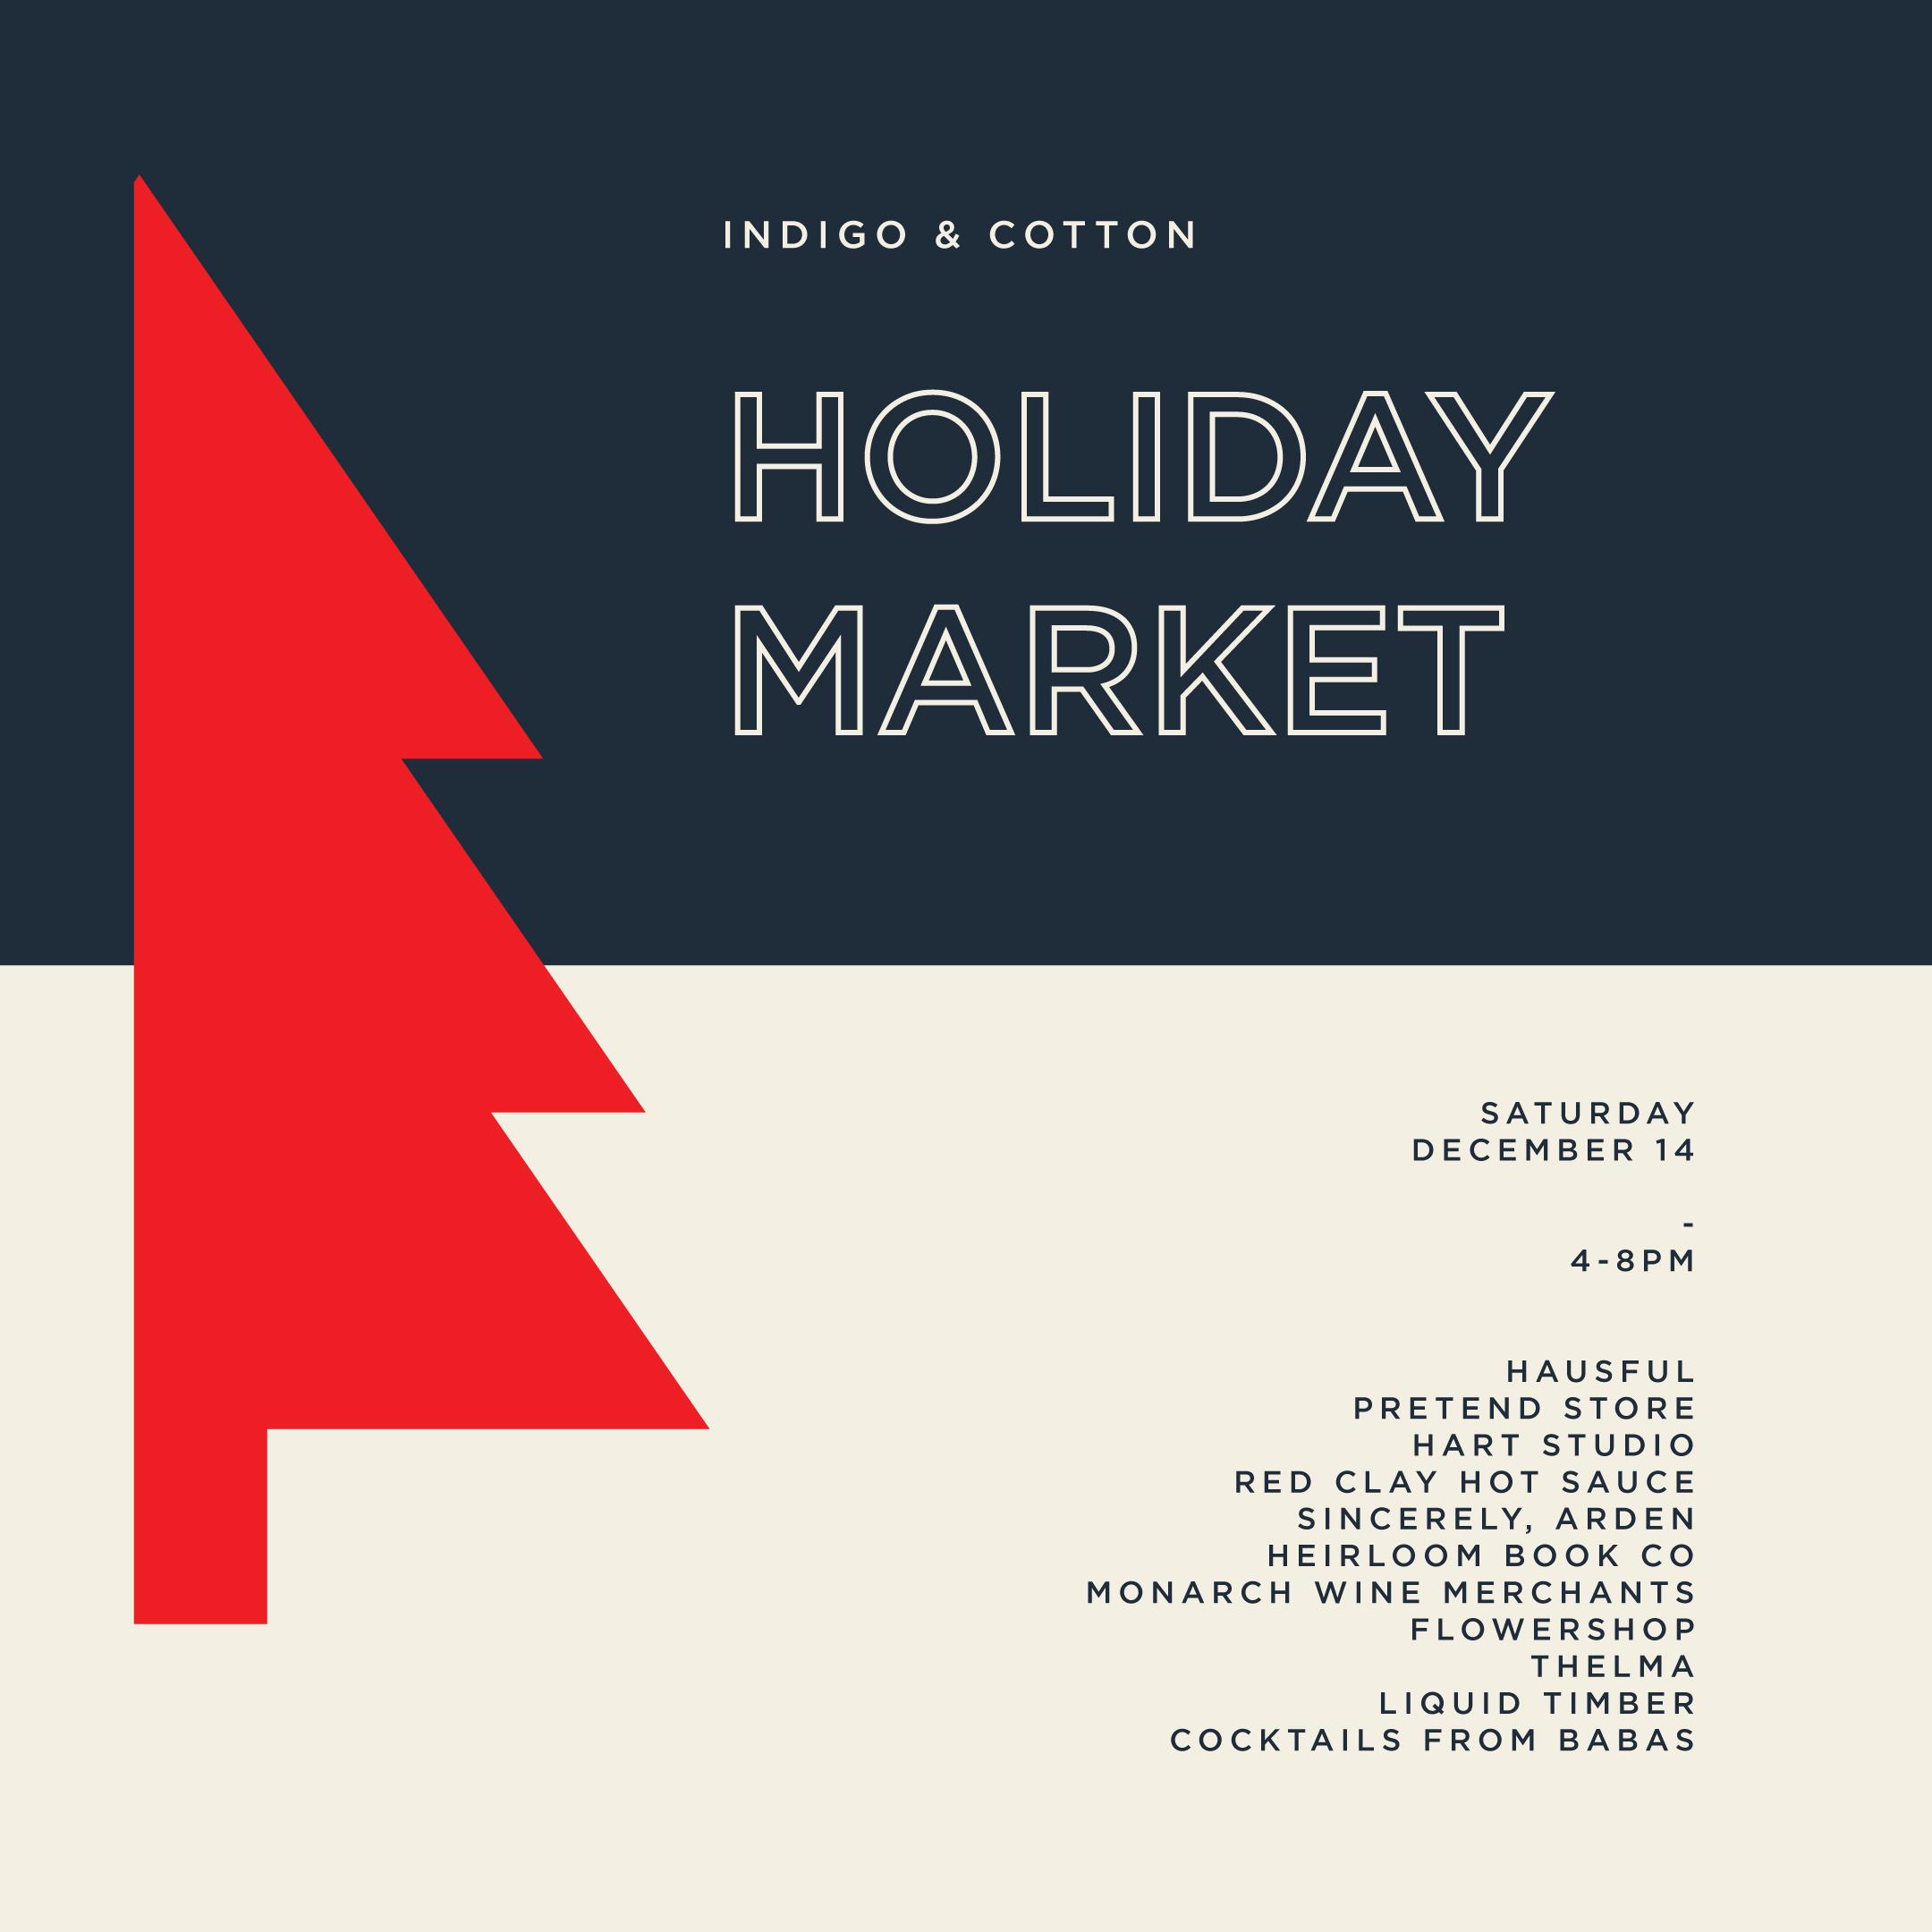 Holiday Market 2019!